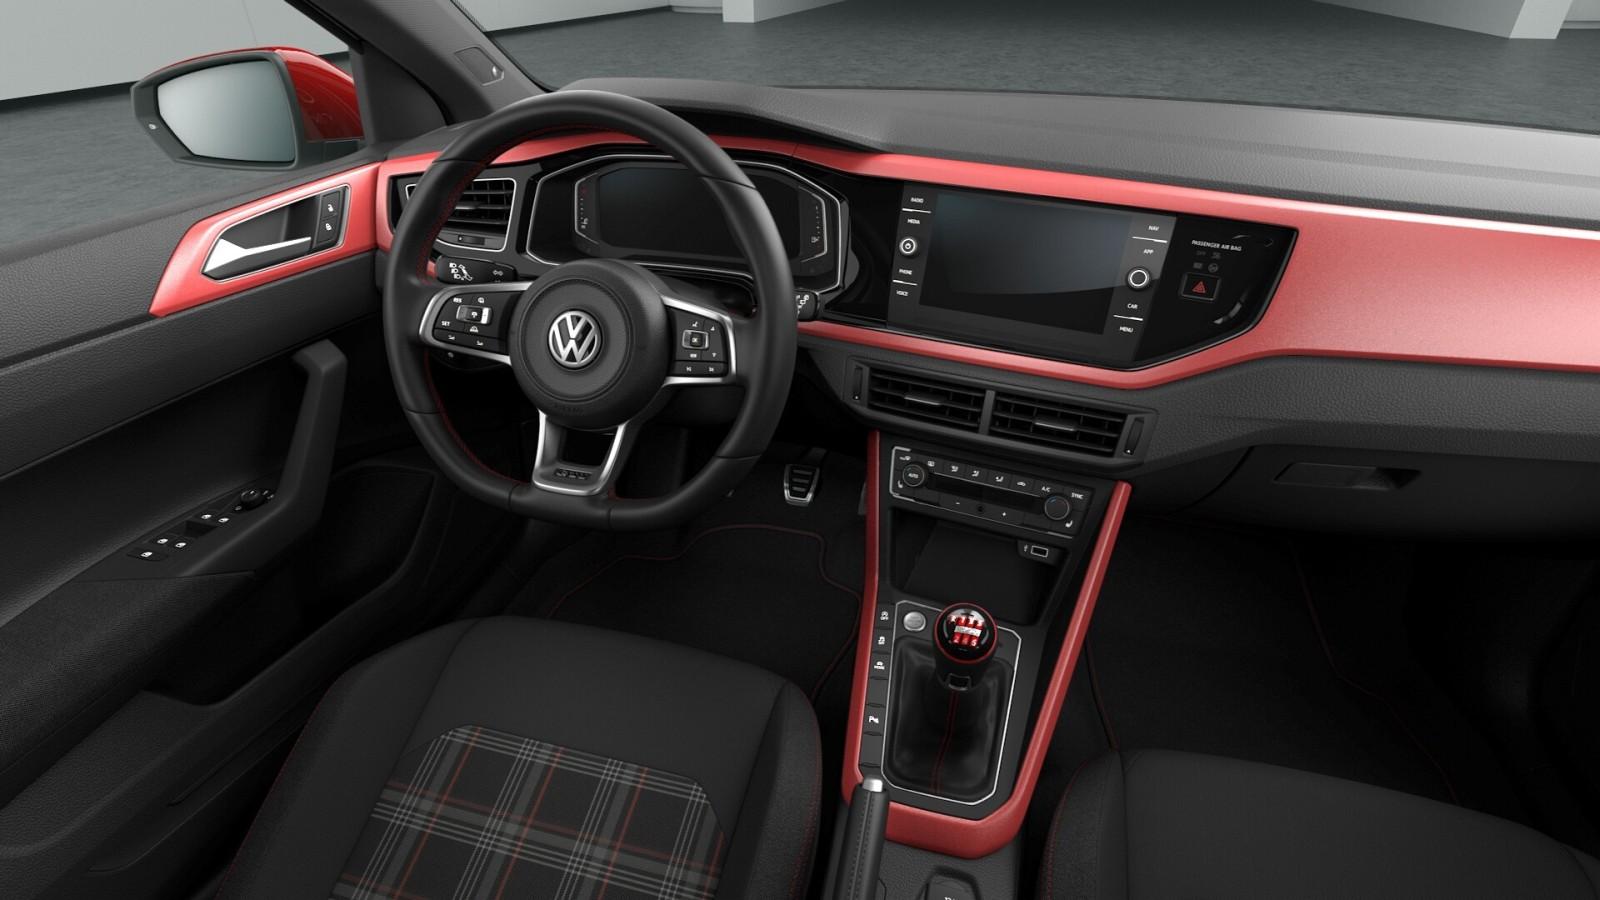 Volkswagen Polo GTI handbak